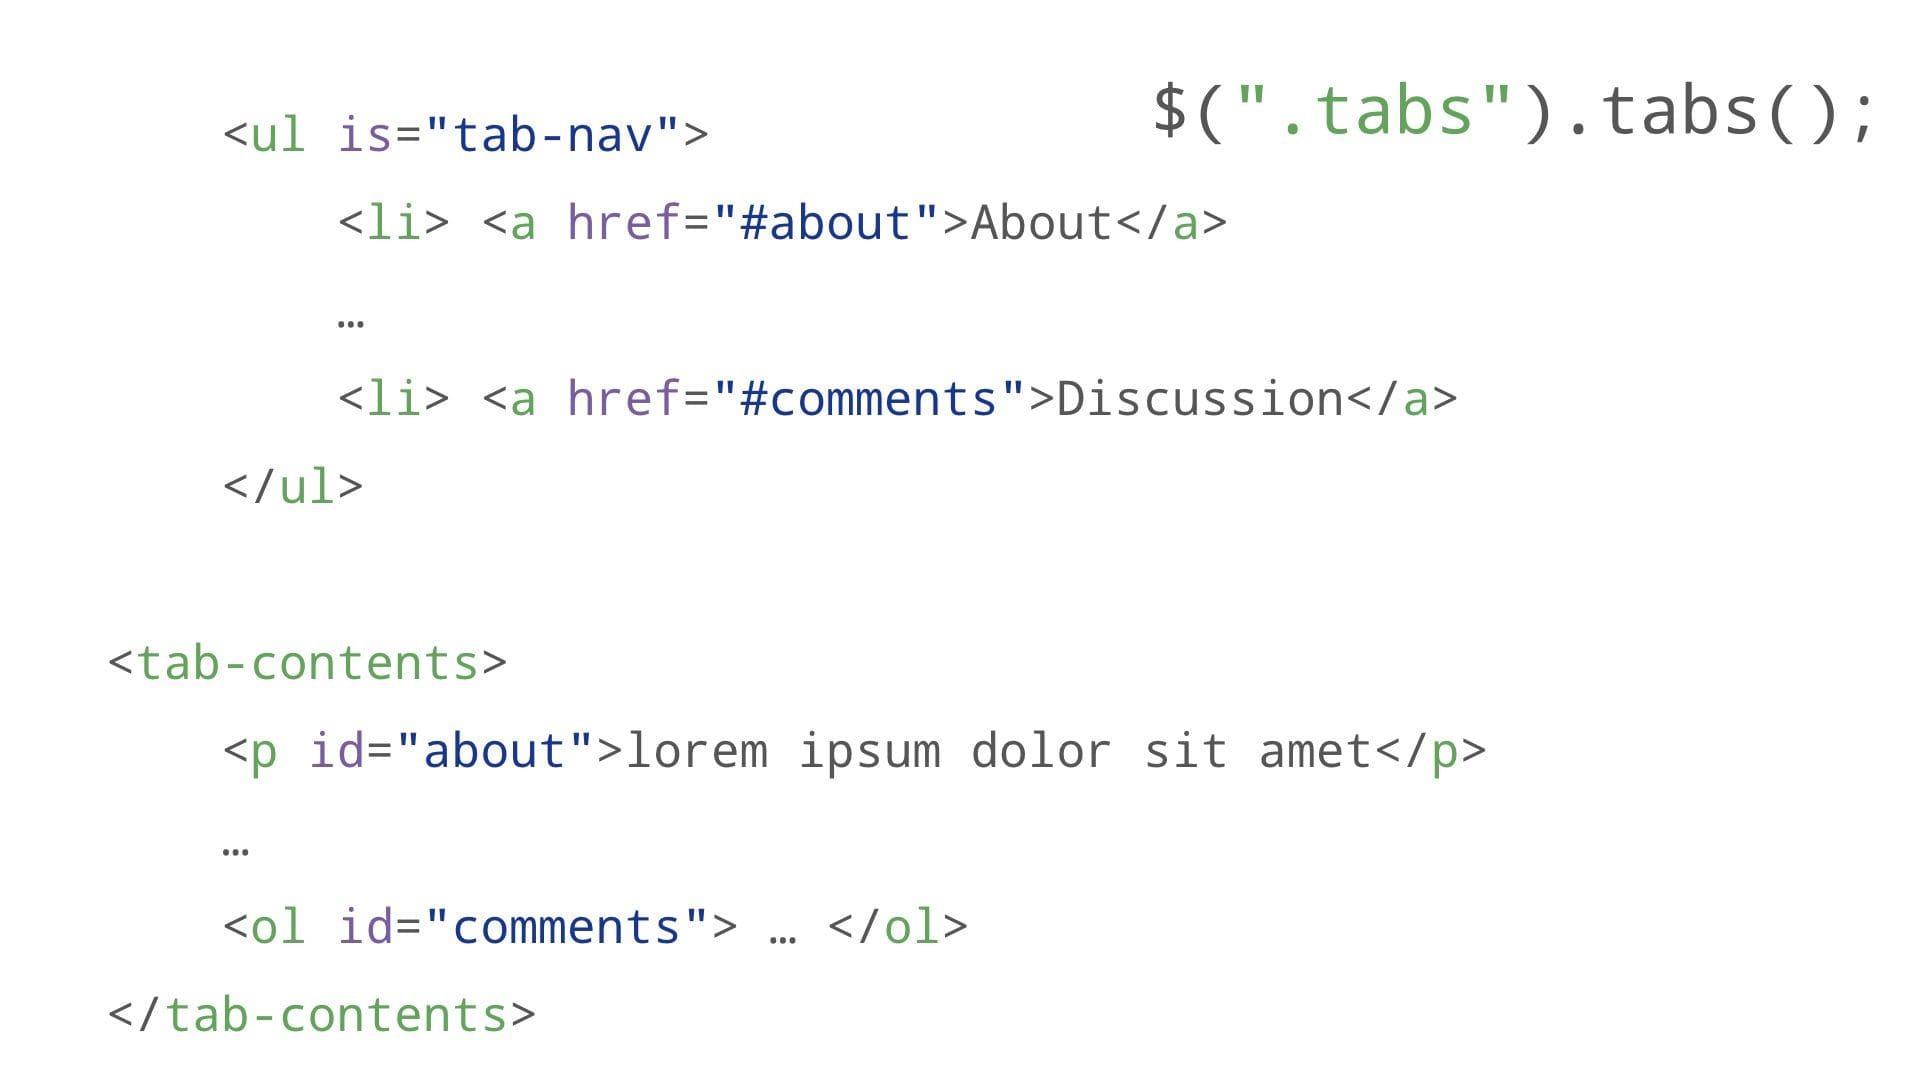 tabs markup with ul is tab-nav